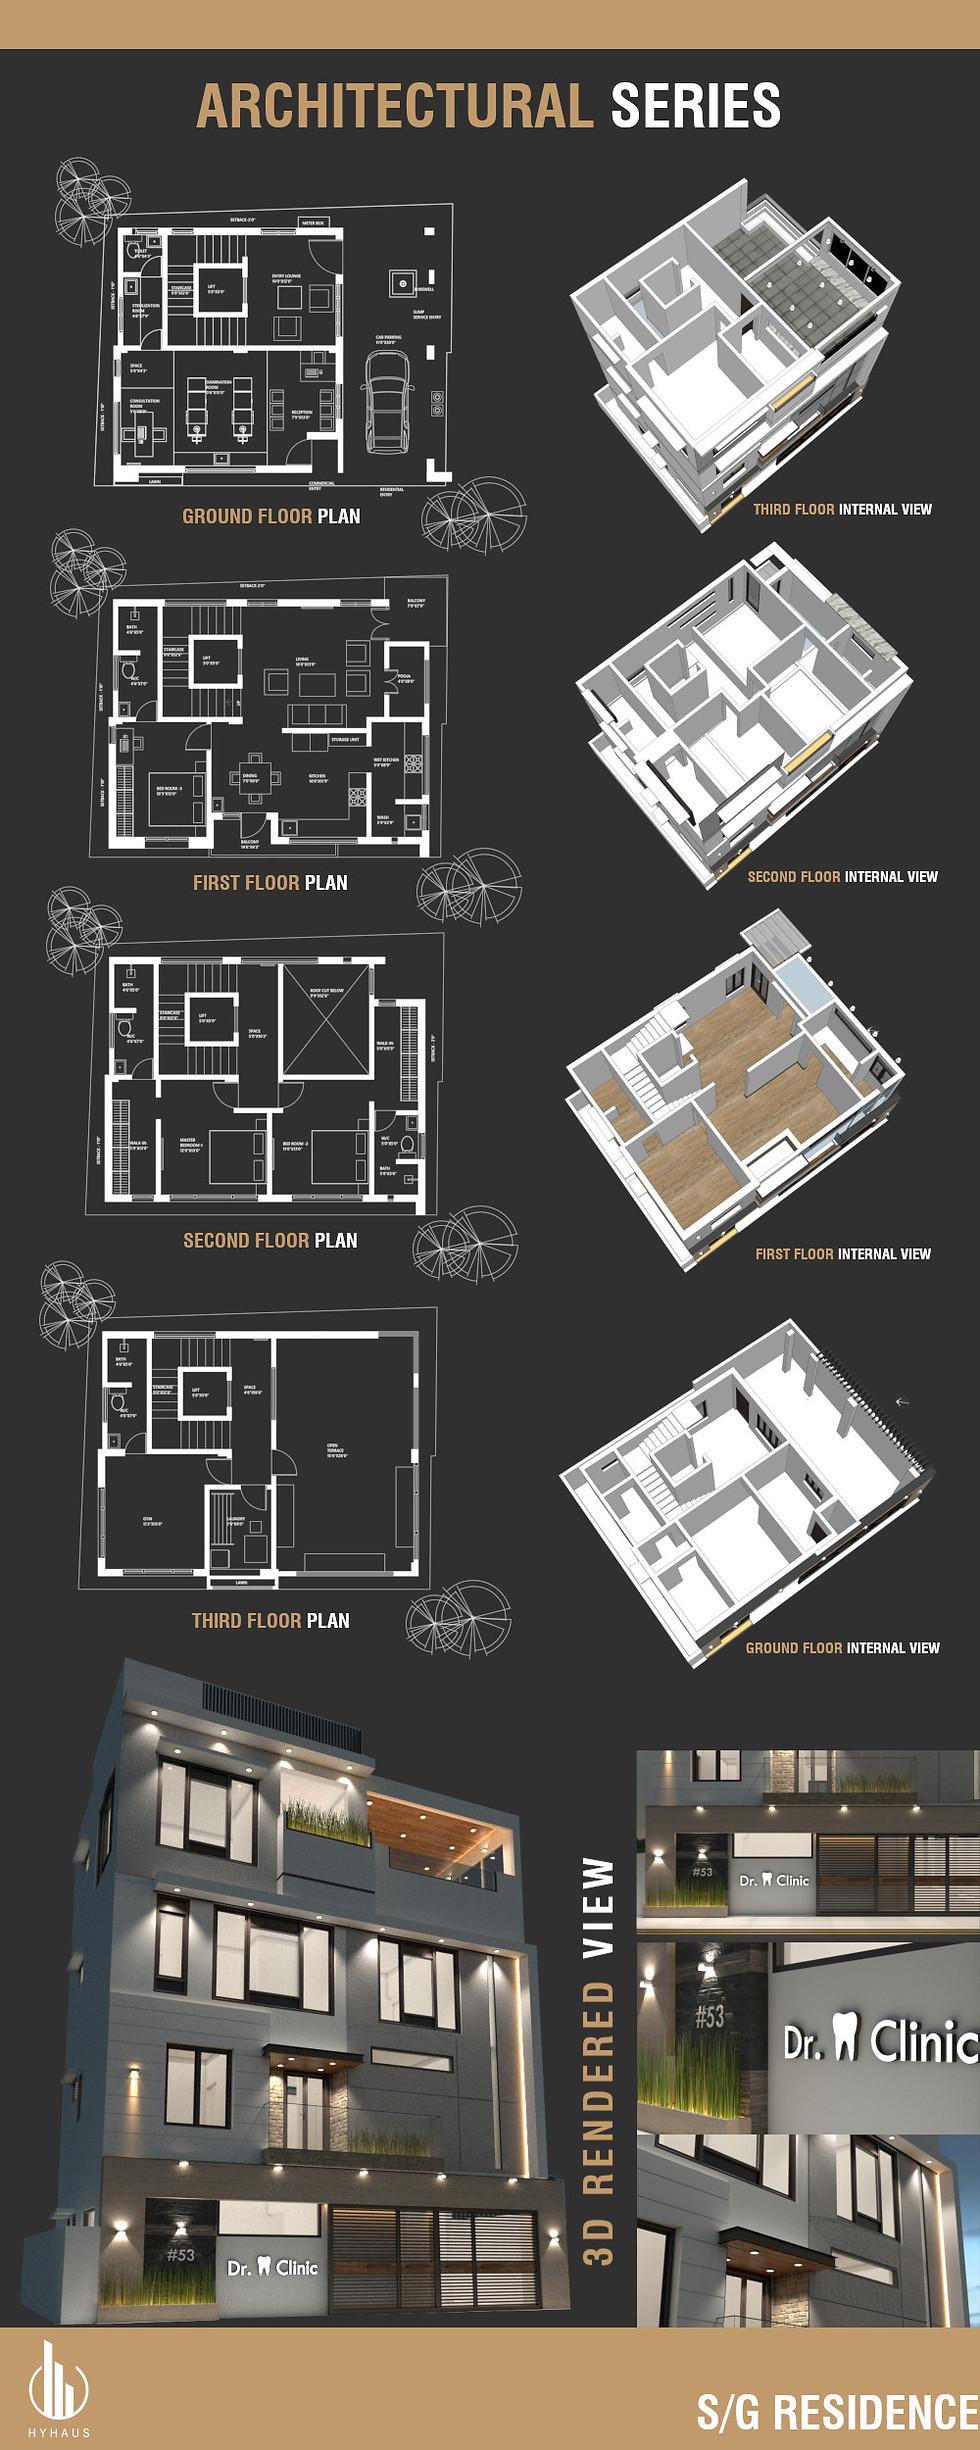 architectural series suneel.JPG